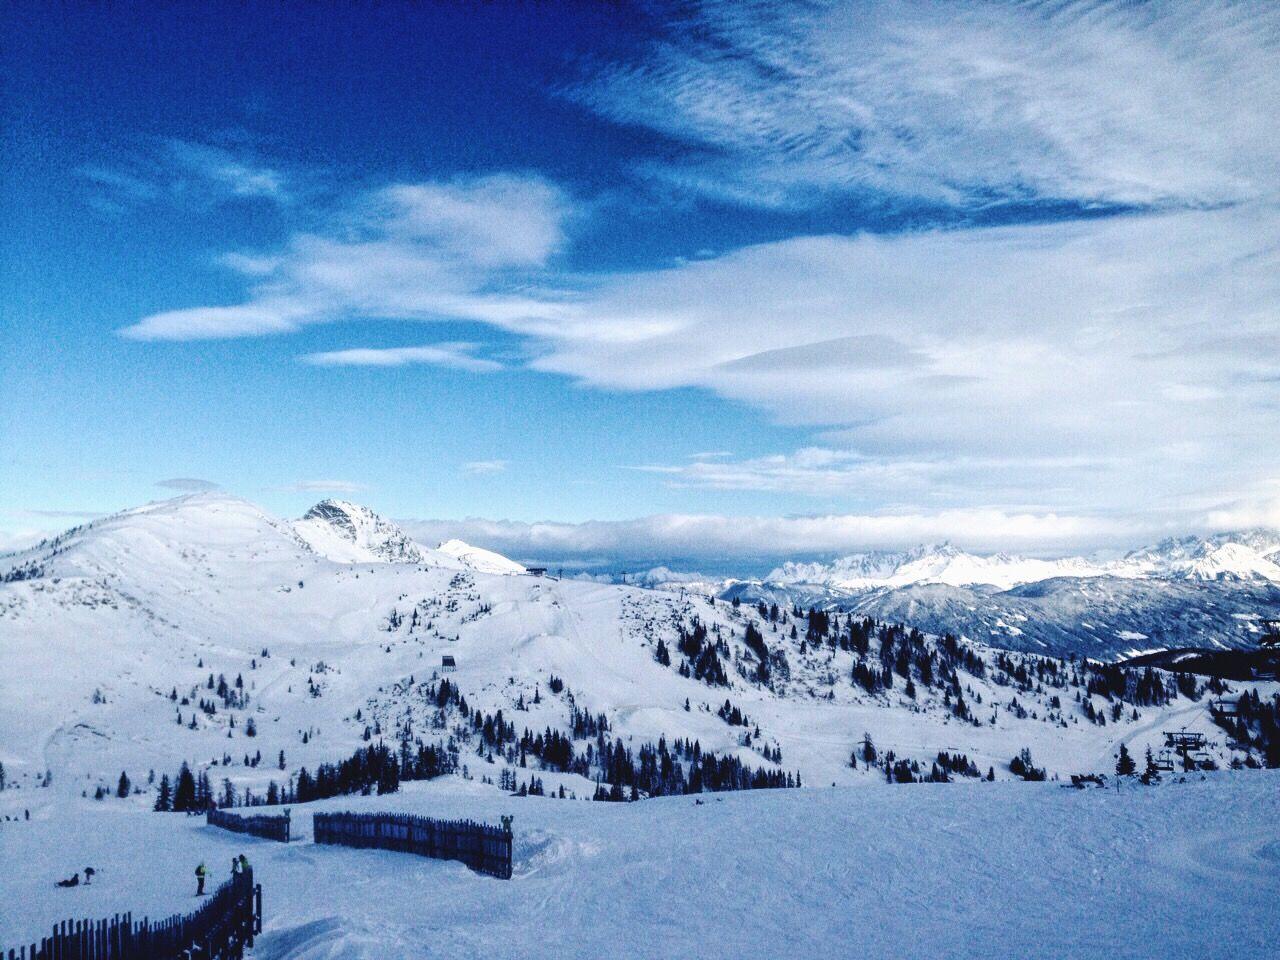 #mountains #snow #winter #austria